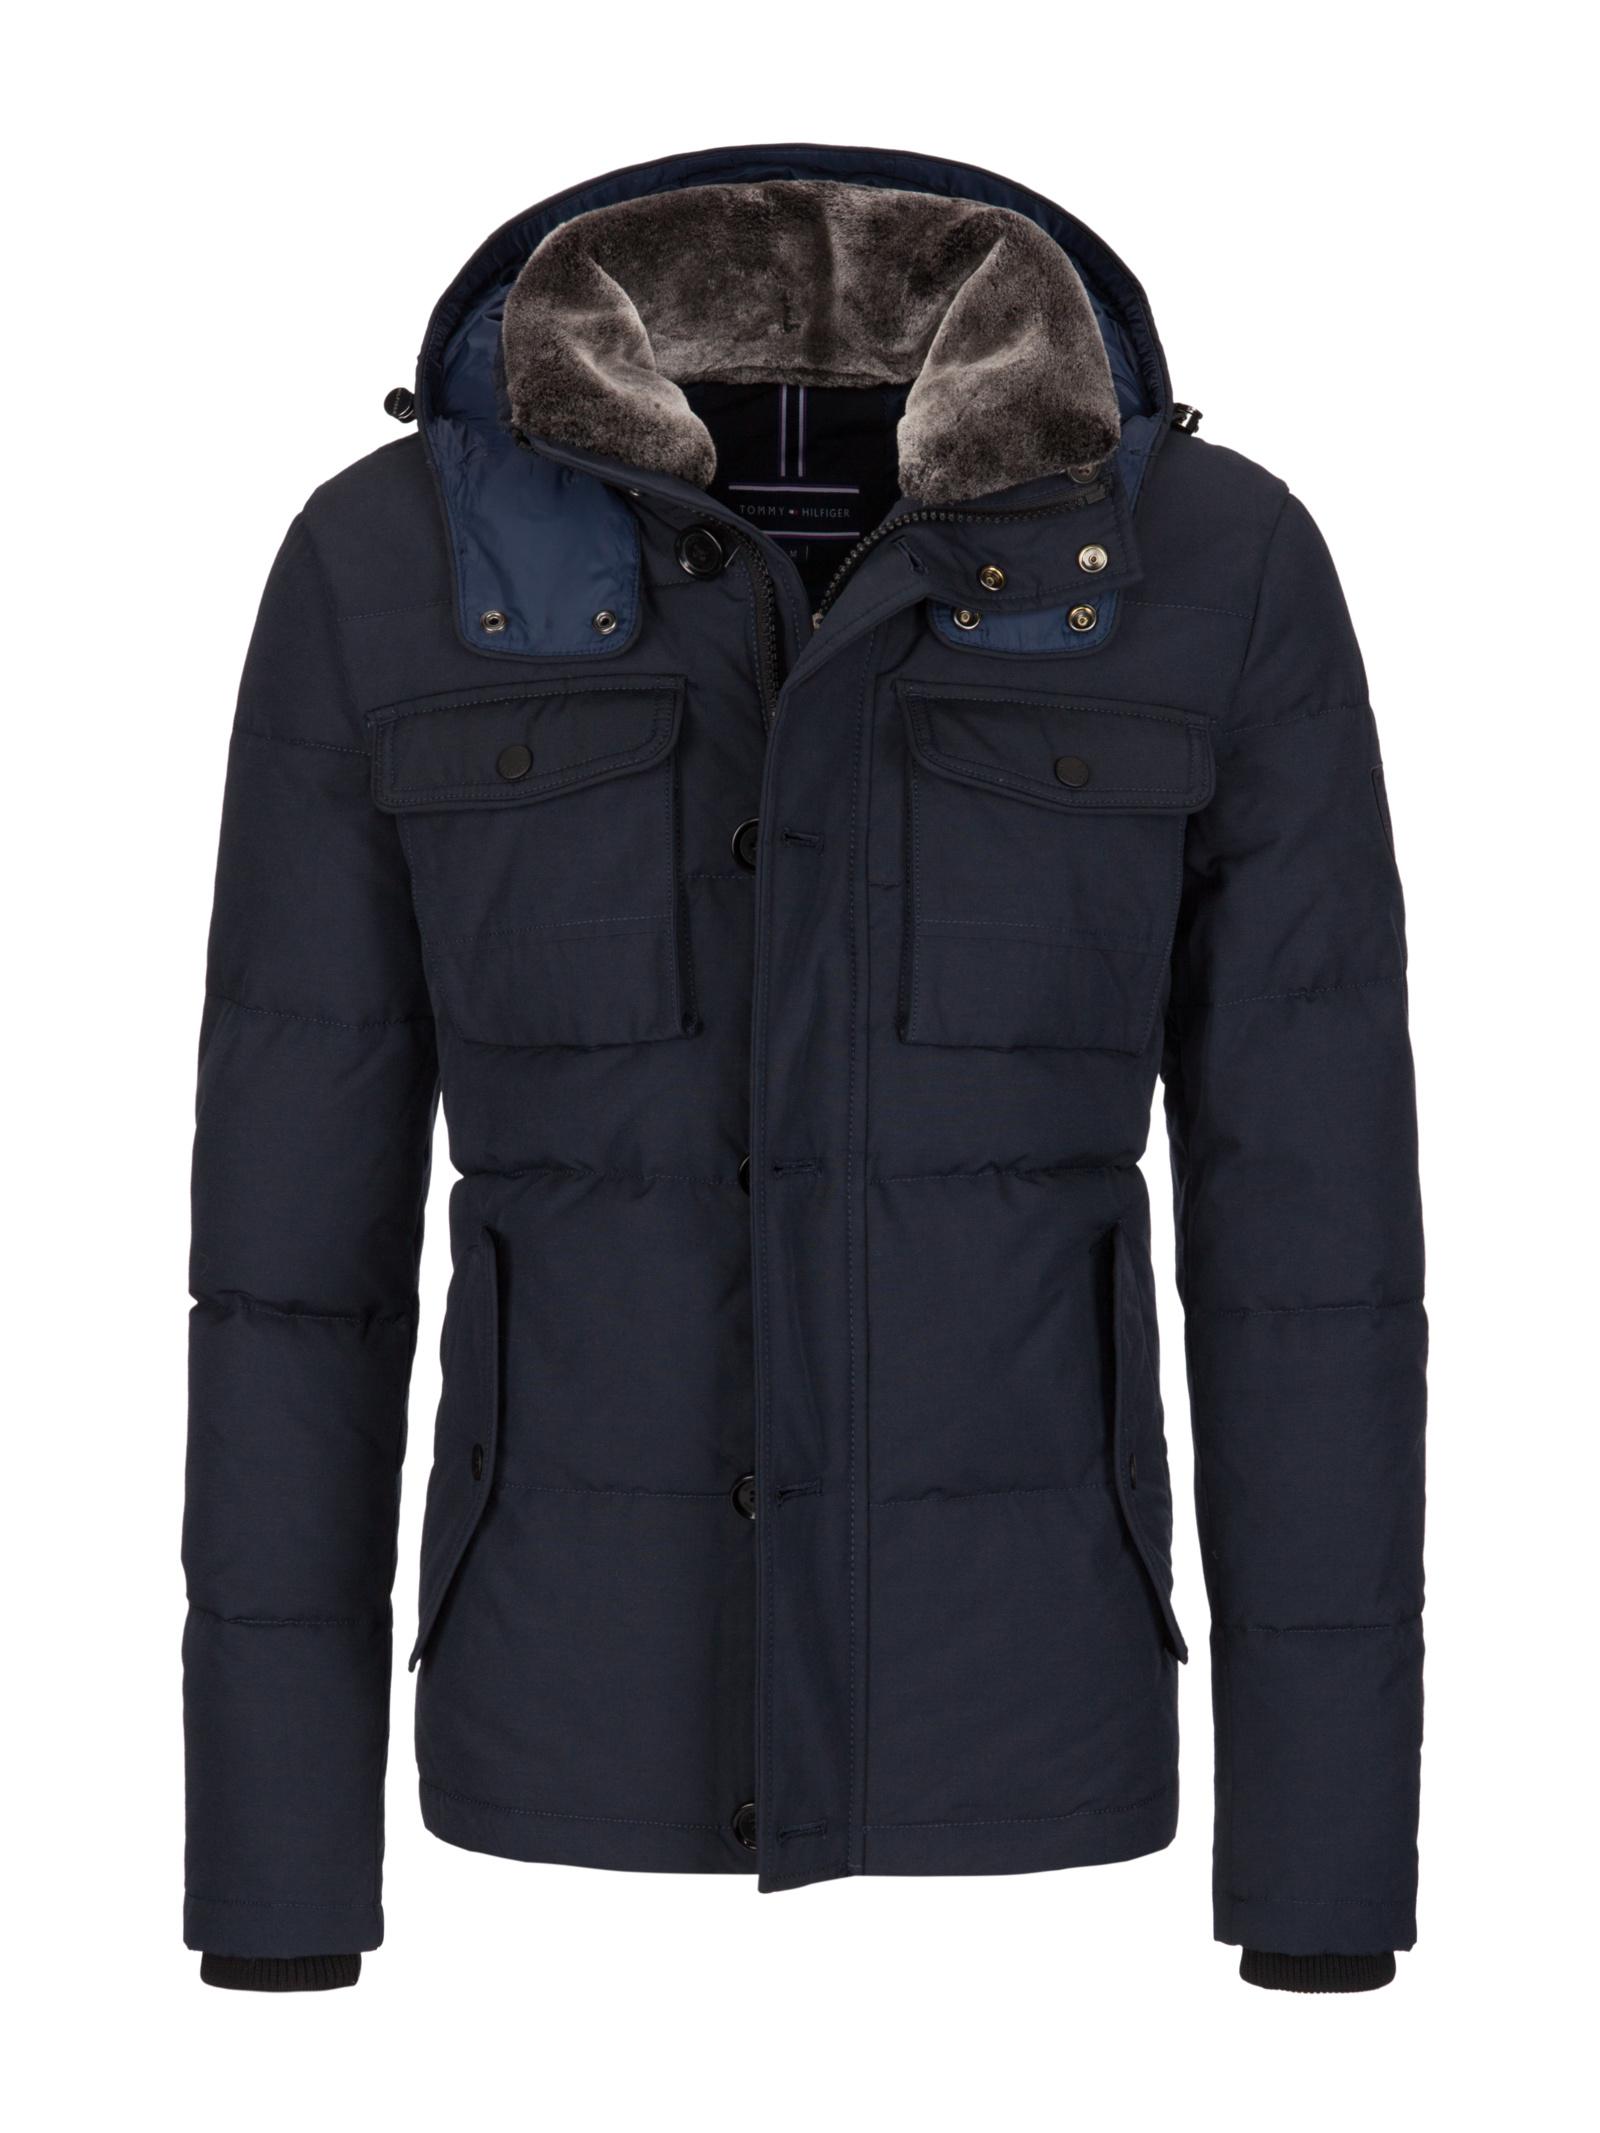 8cf4ed967a850 kurtka puchowa parka puchówka męskie kurtki i płaszcze